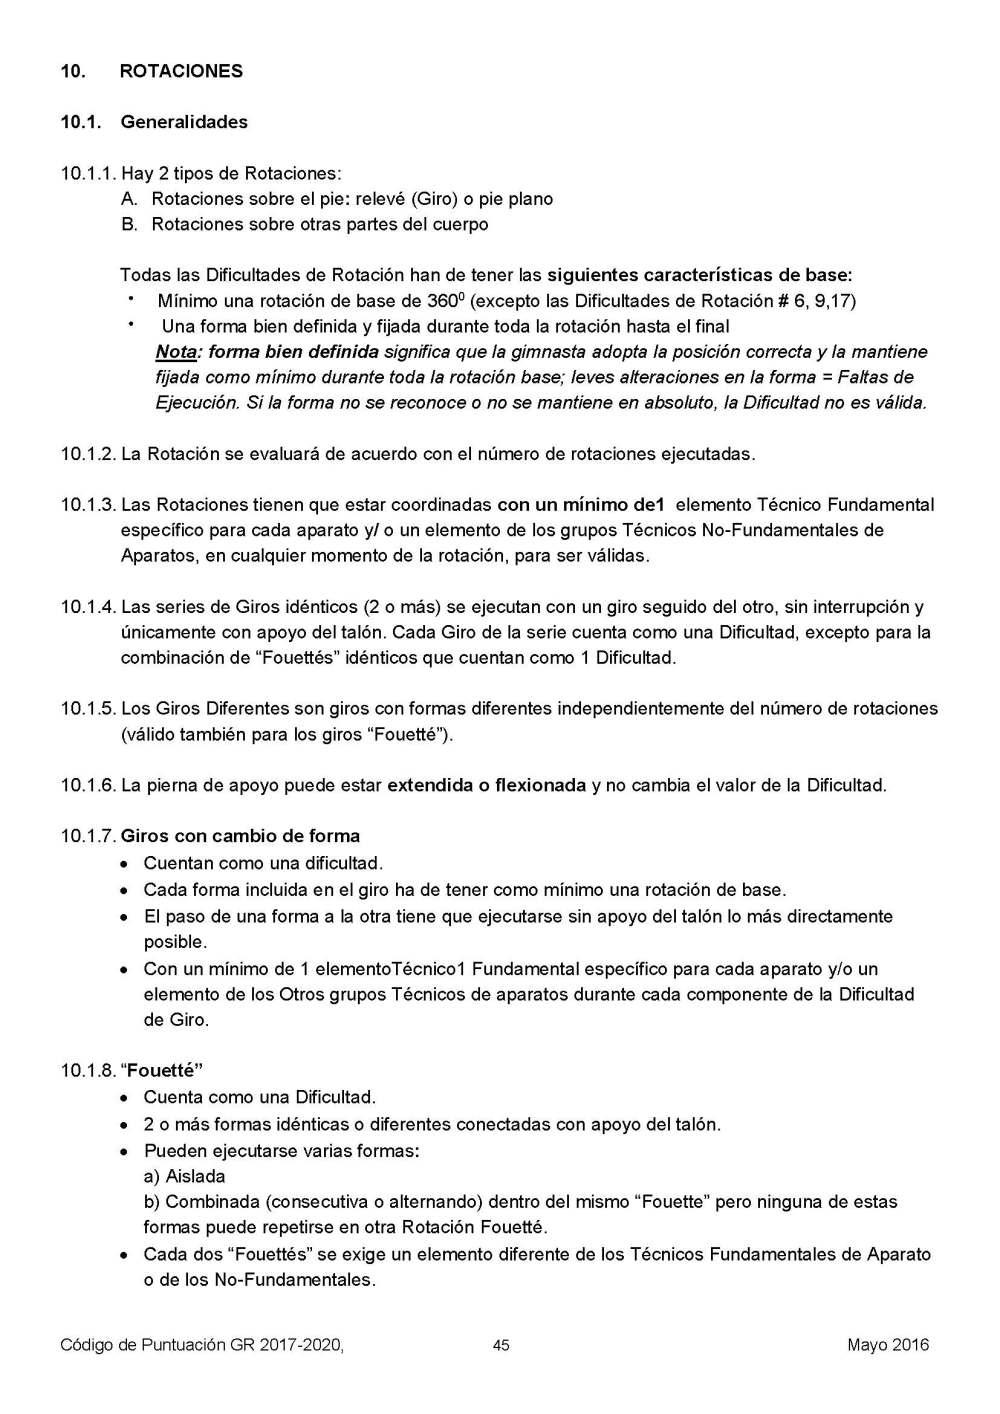 codigo20172020_Página_45